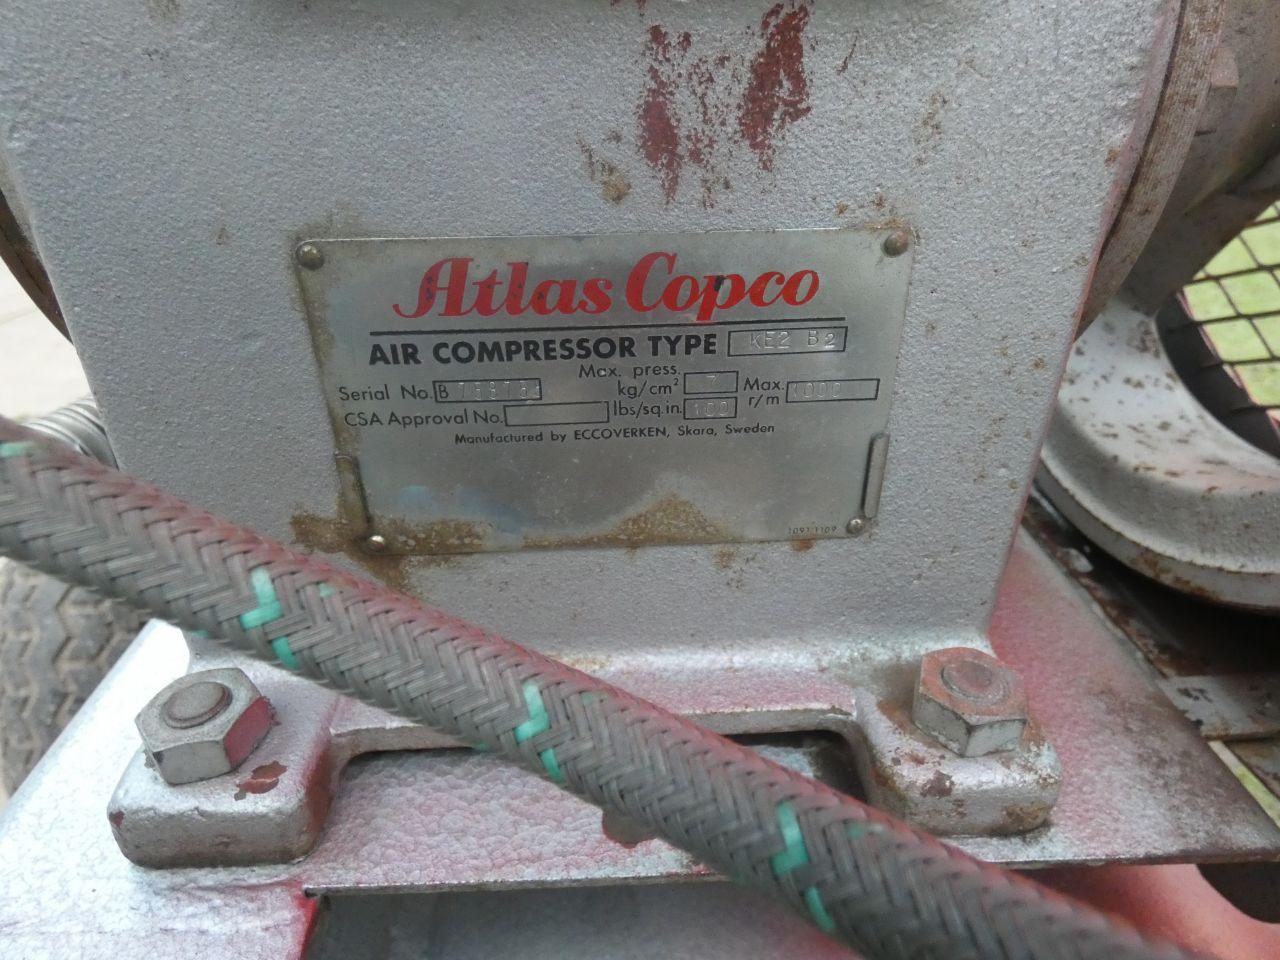 ATLAS COPCO compressor (type KE2 B2, 220V, 7 bar, i.g.s.)